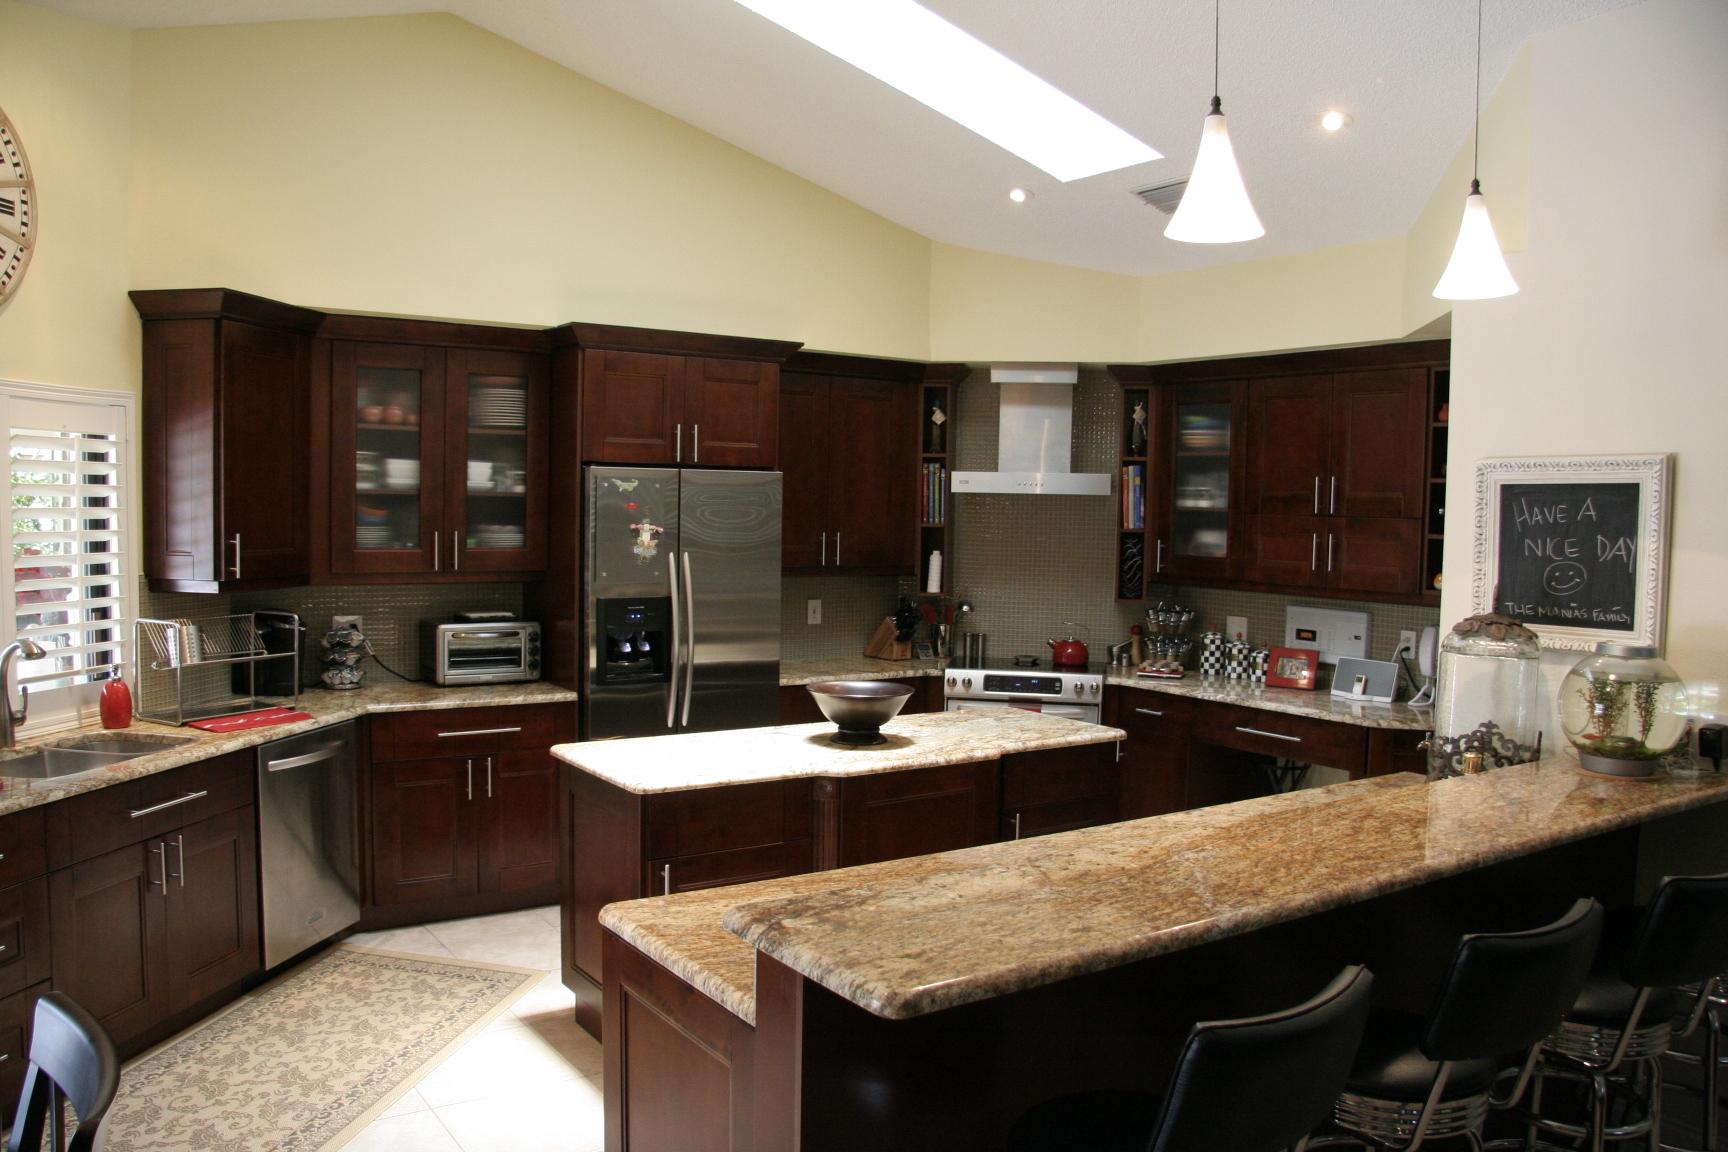 100 Rta Kitchen Cabinets Chicago Island Kitchen Island